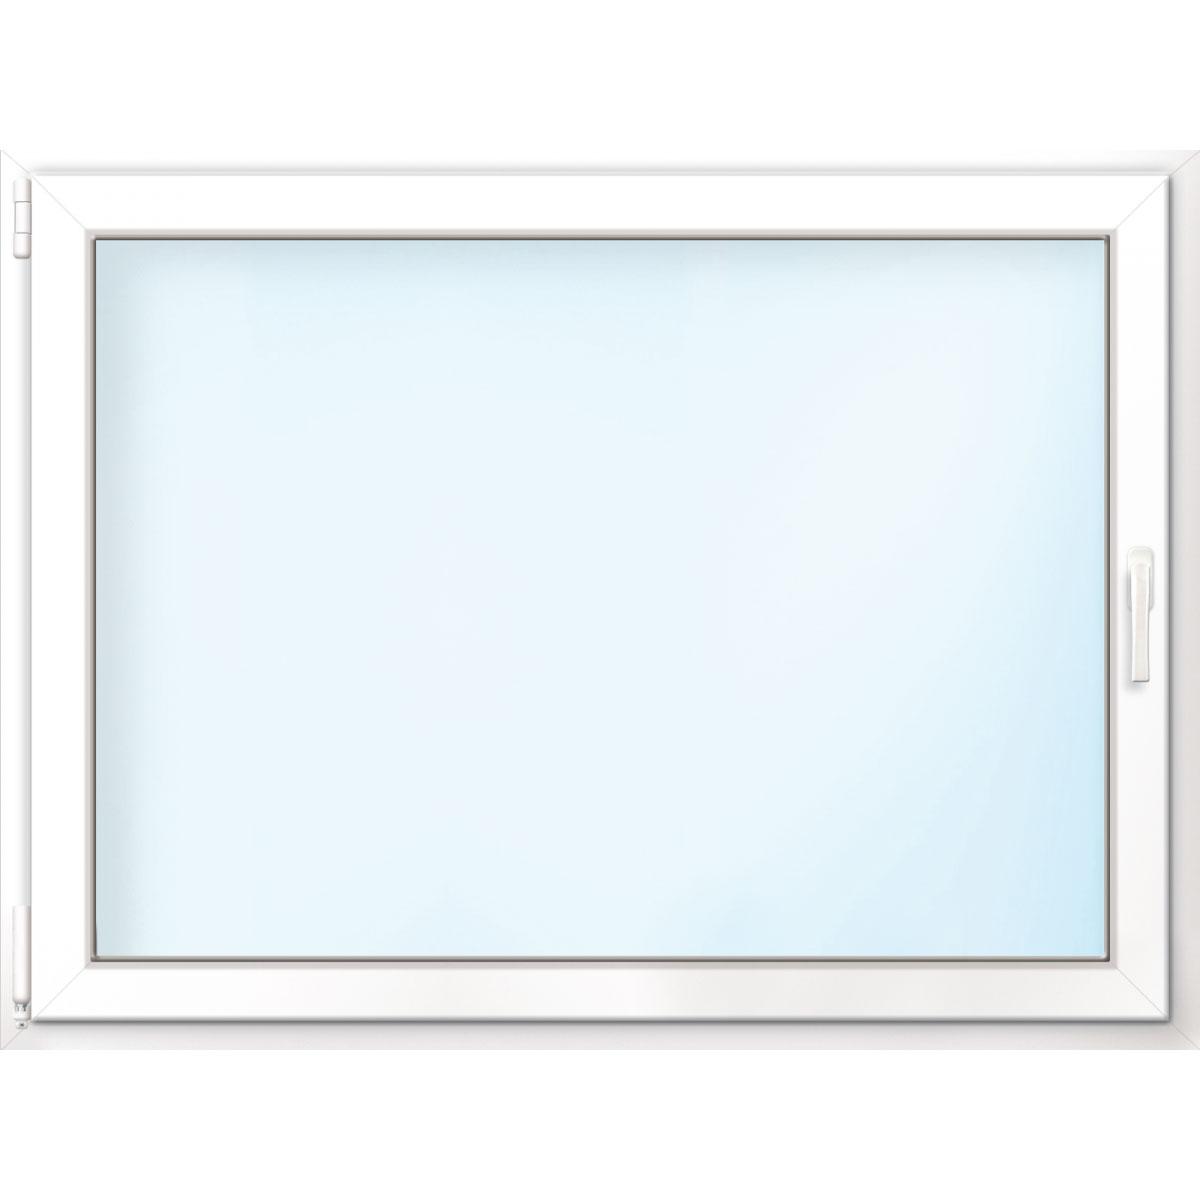 Fenster PVC 70/3 weiß/weiß Anschlag links 120x110 cm